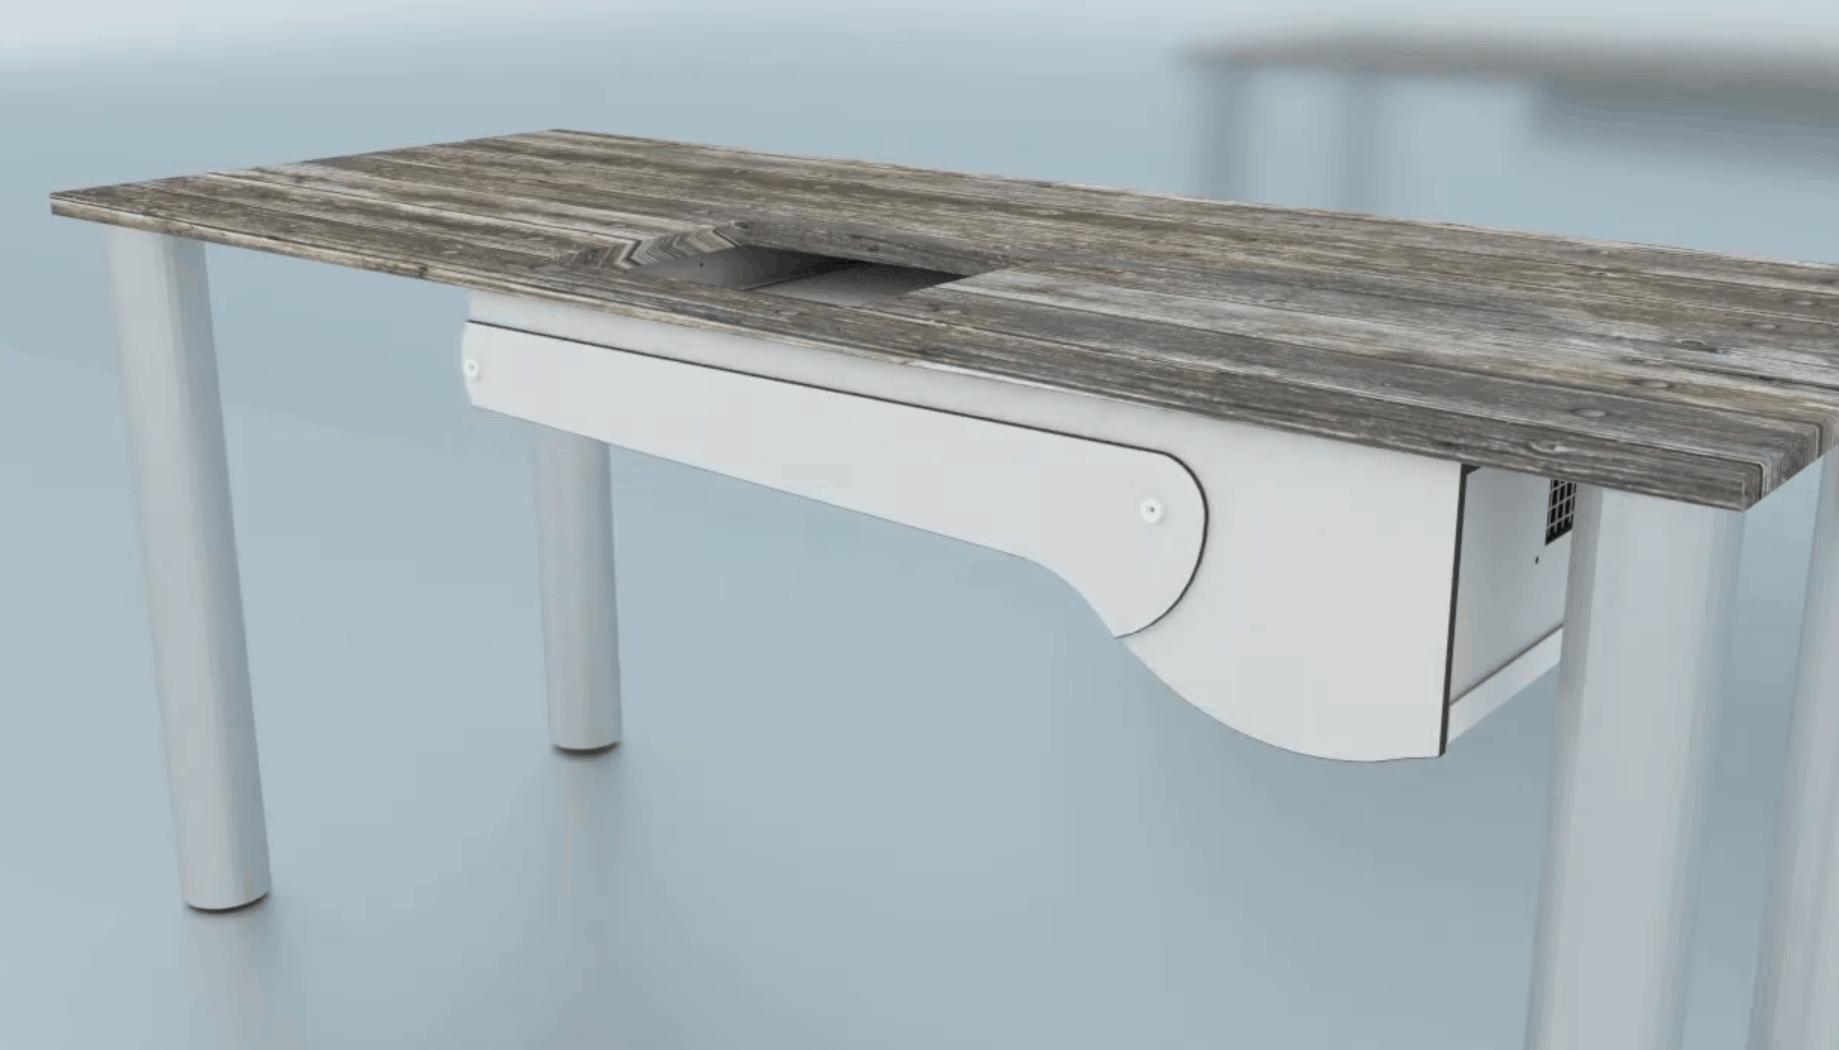 Einbau Absaugung L500 in einen schon bestehenden Tisch